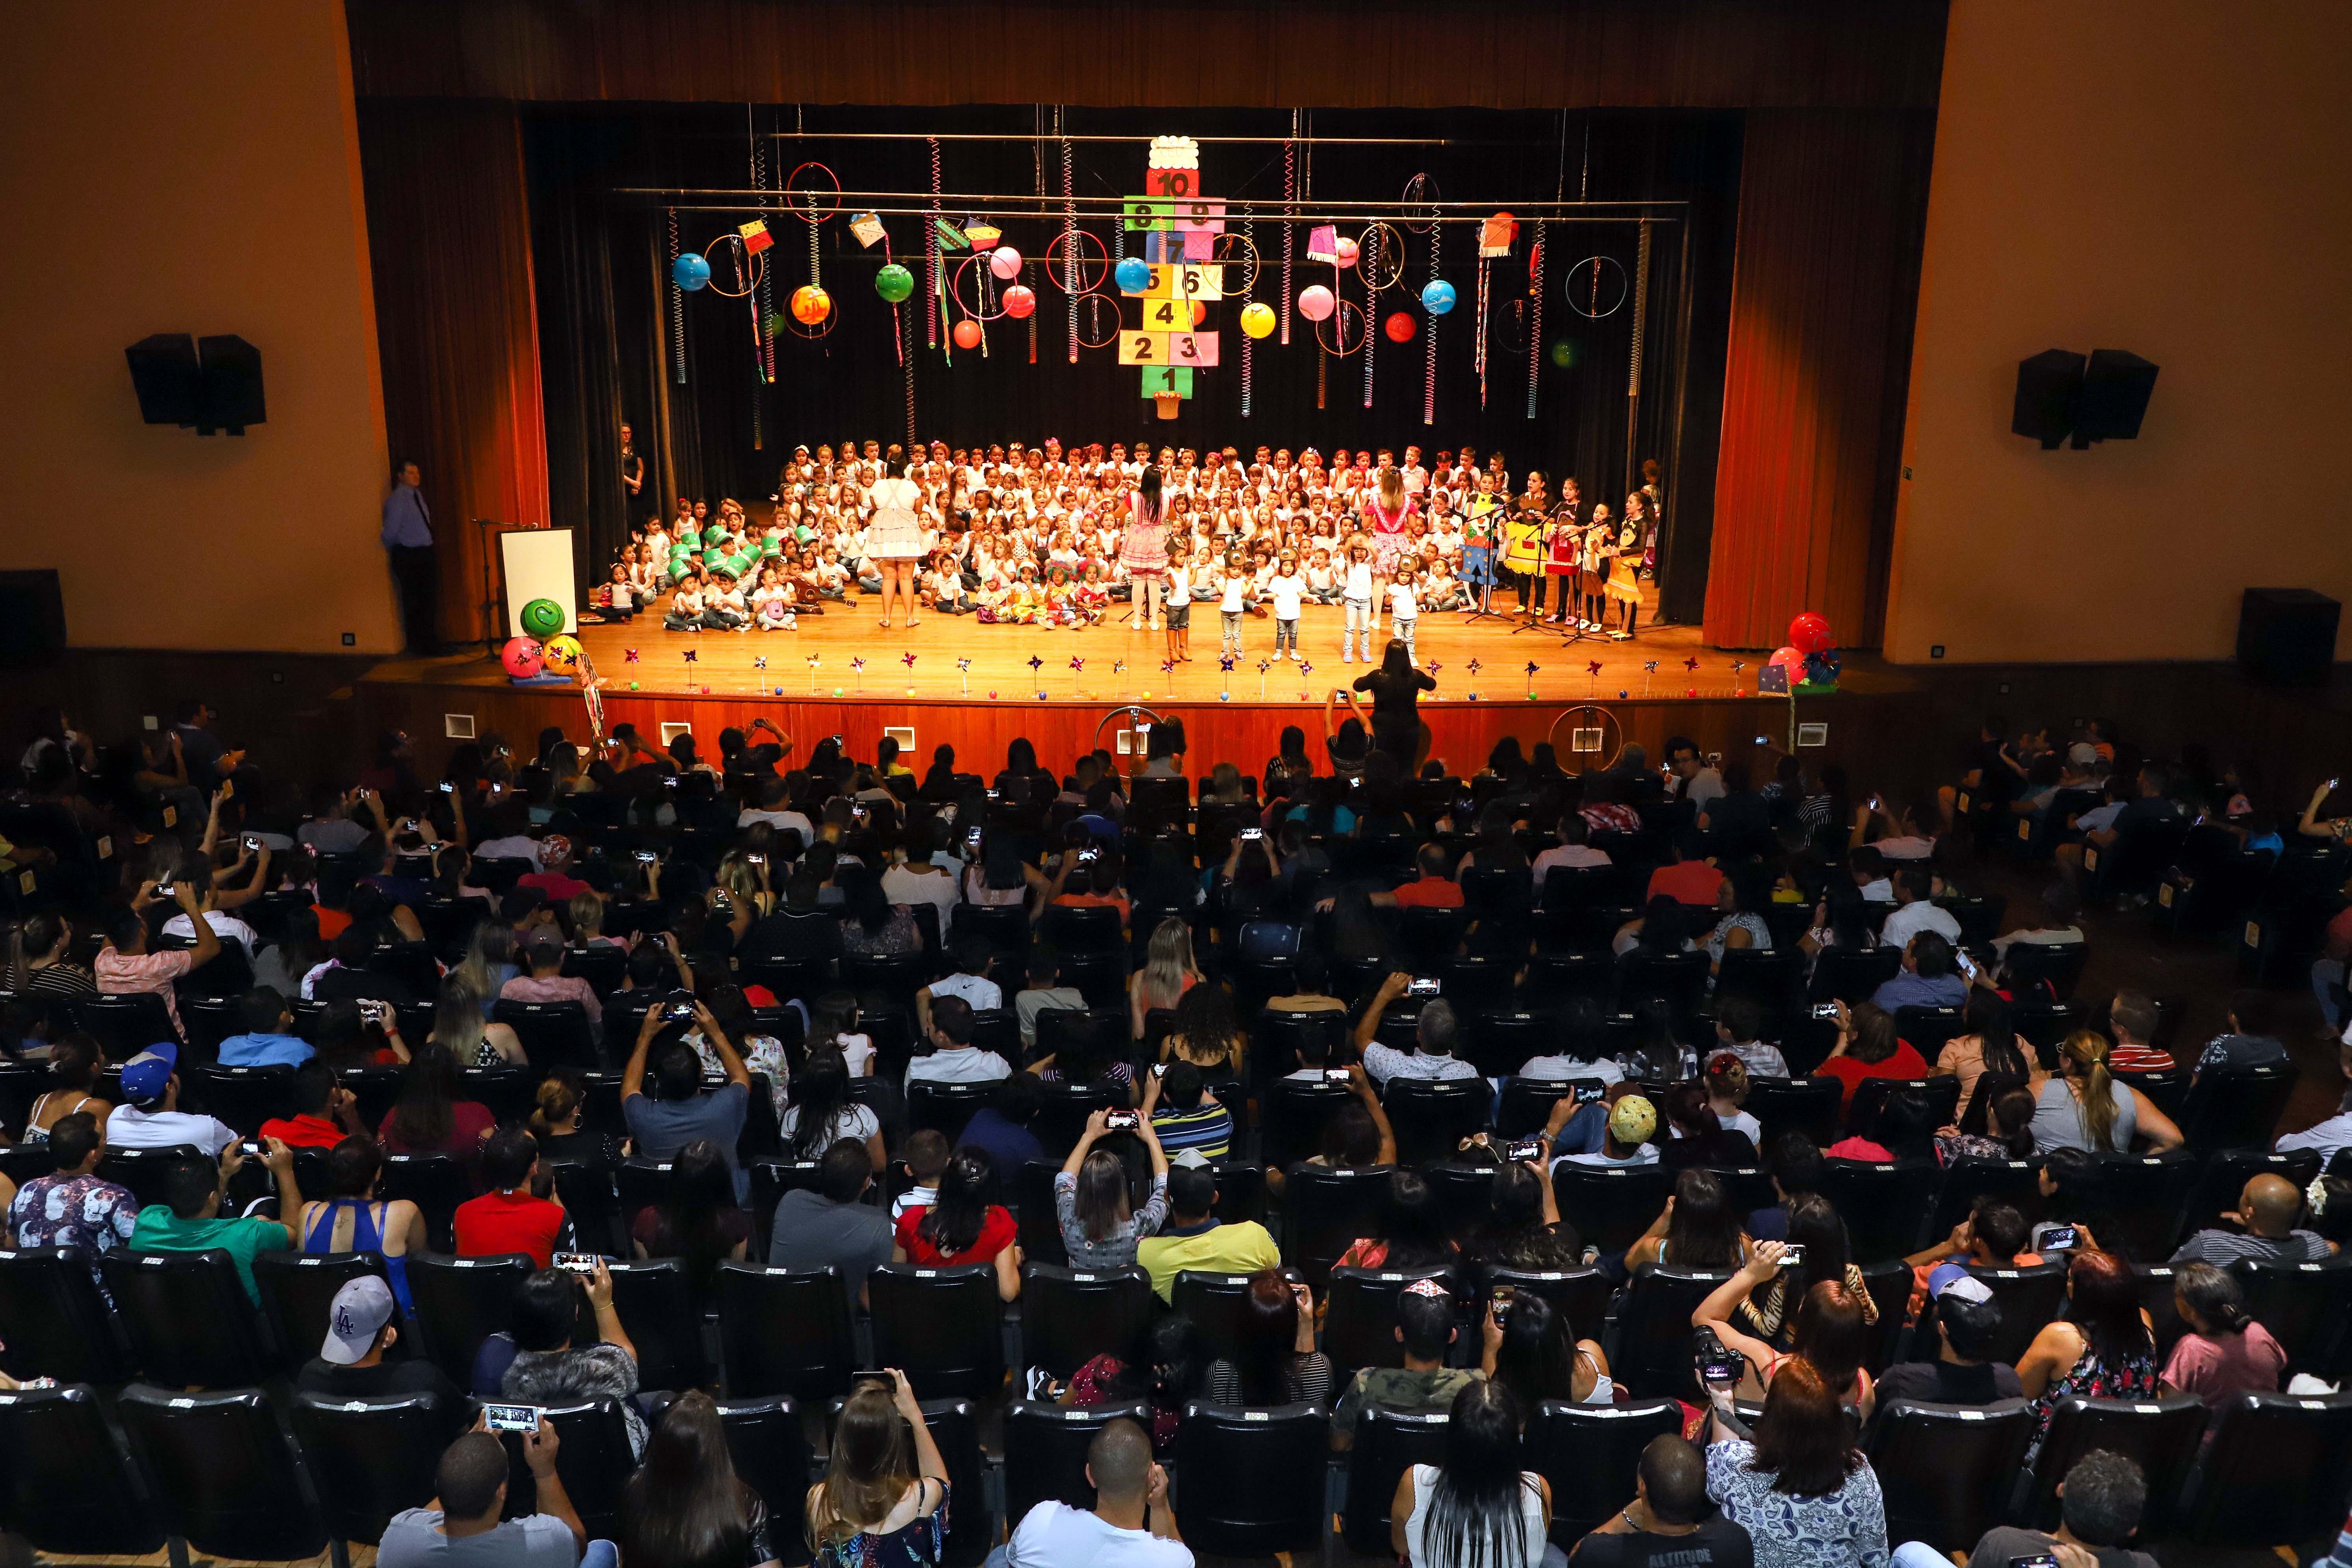 CMEIs de Apucarana fazem apresentação musical